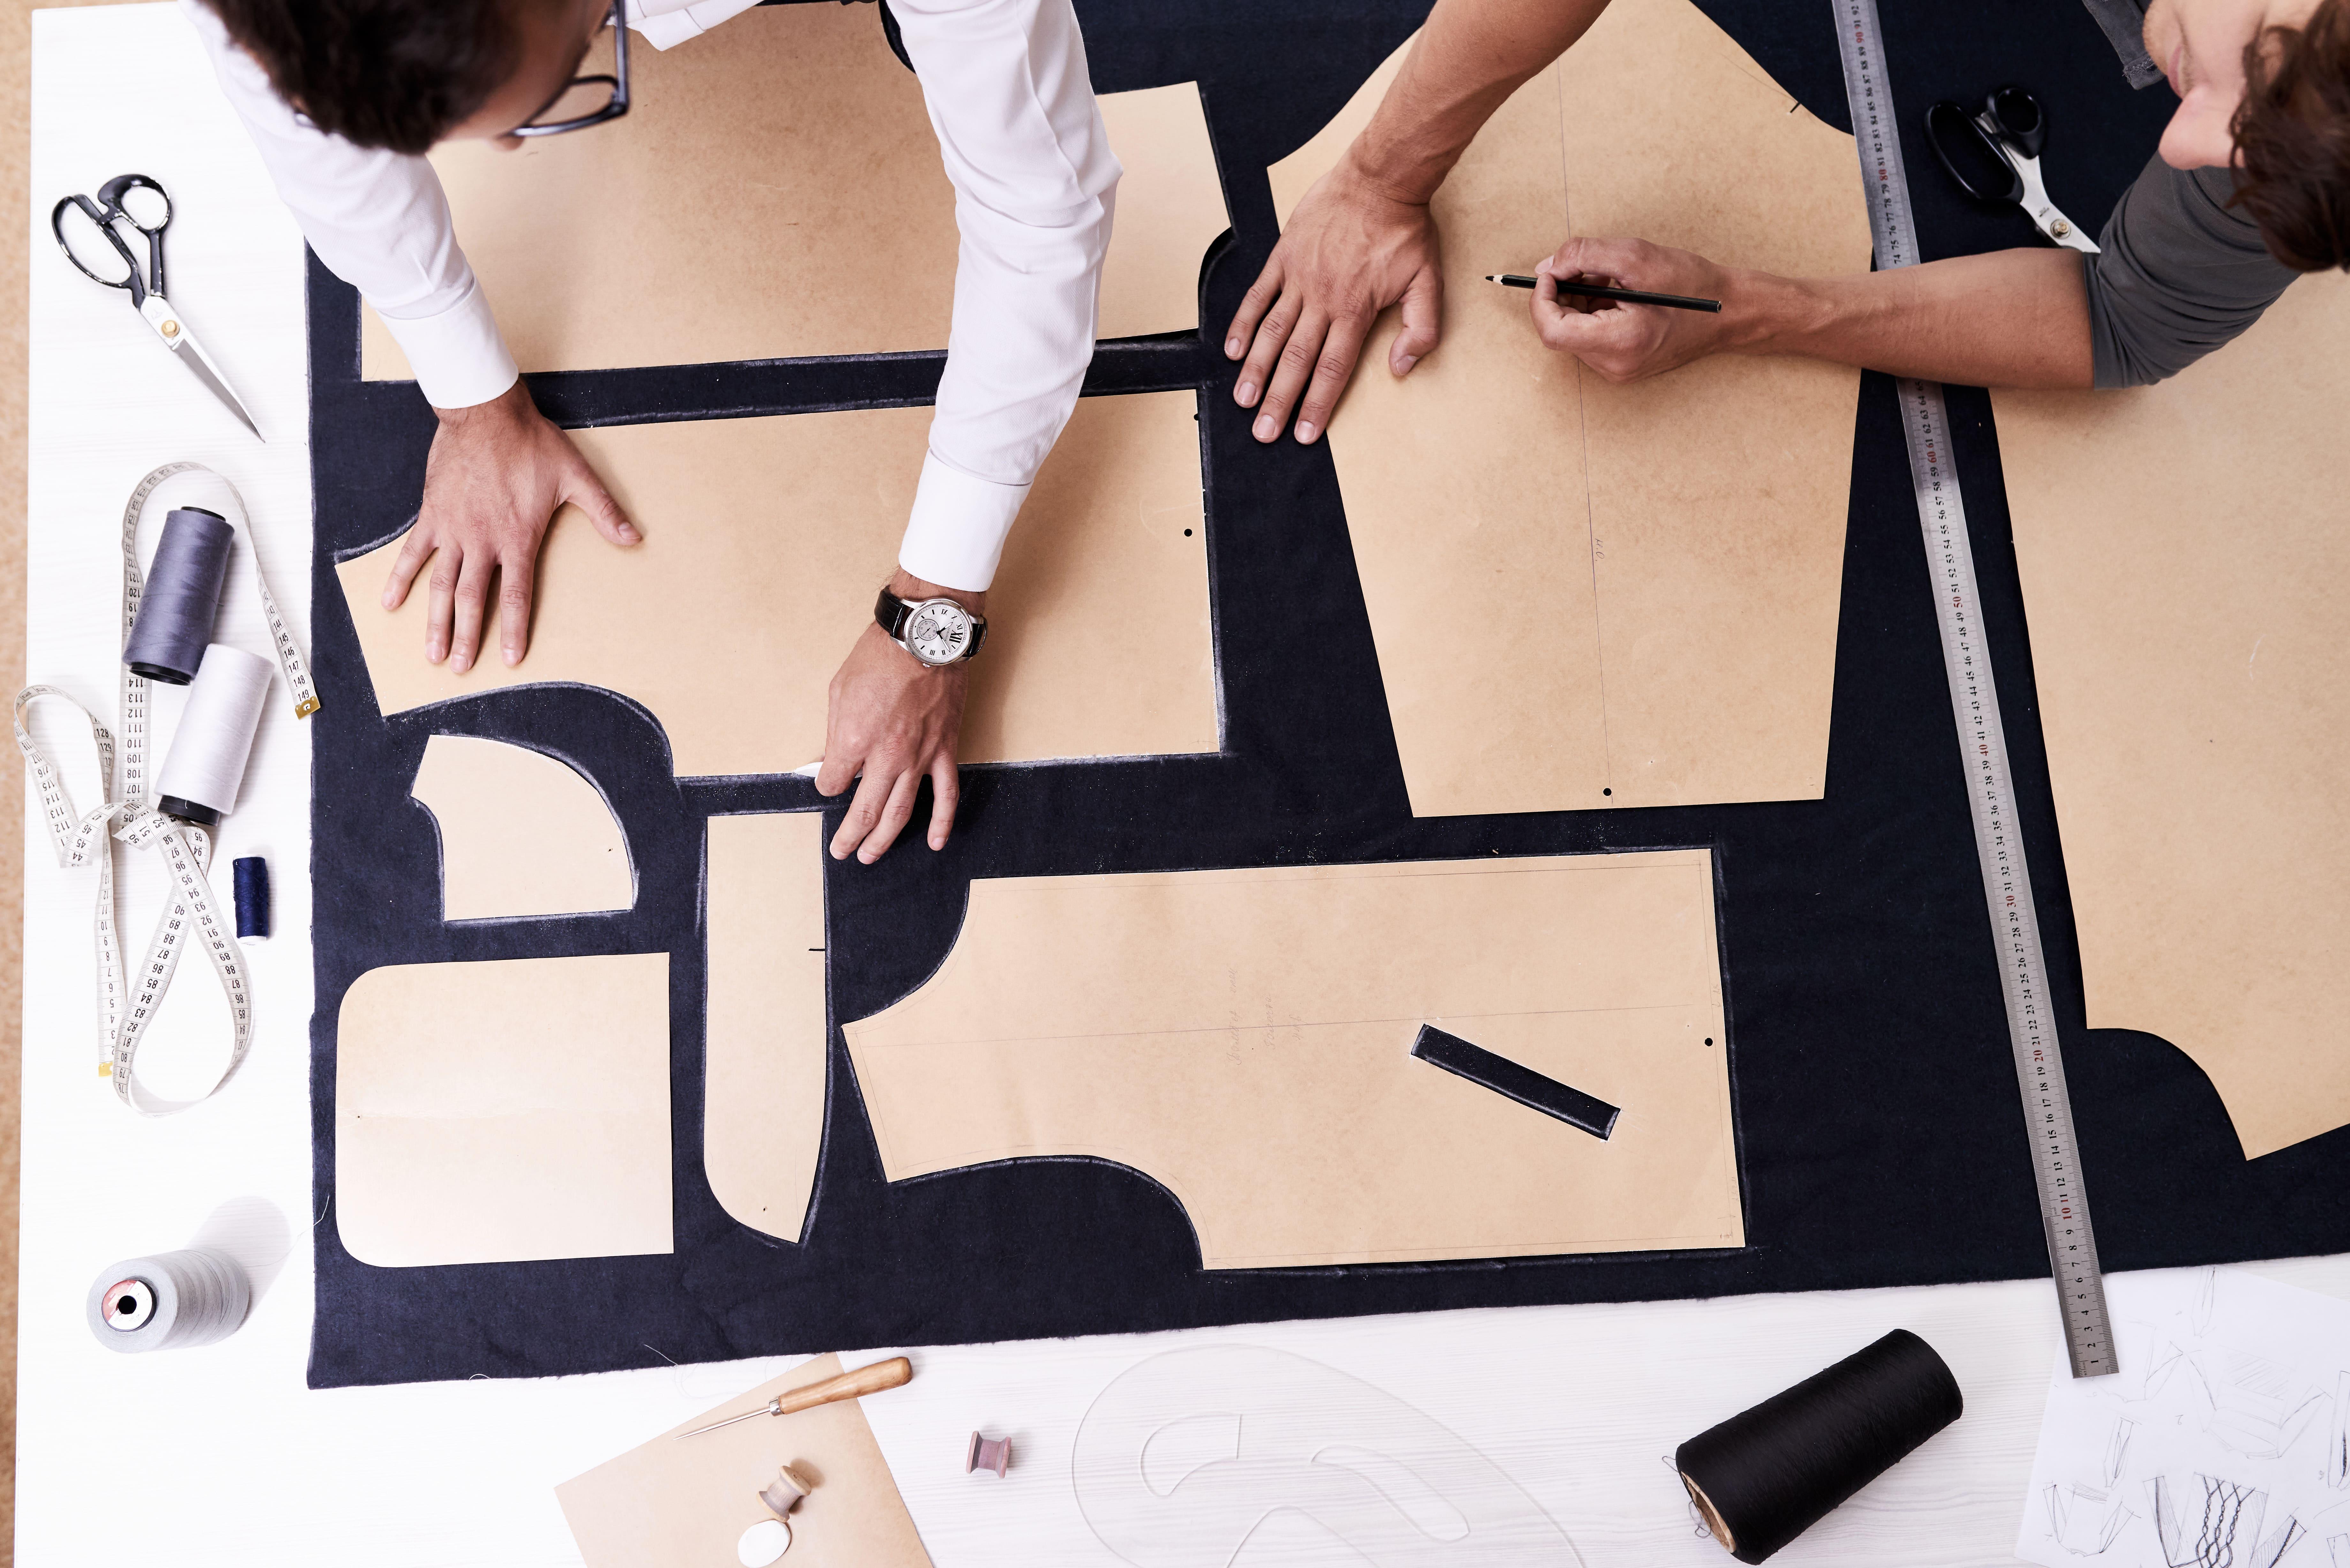 Imagem de uma mesa com vários cortes de roupa para quem deseja abrir uma alfaiataria